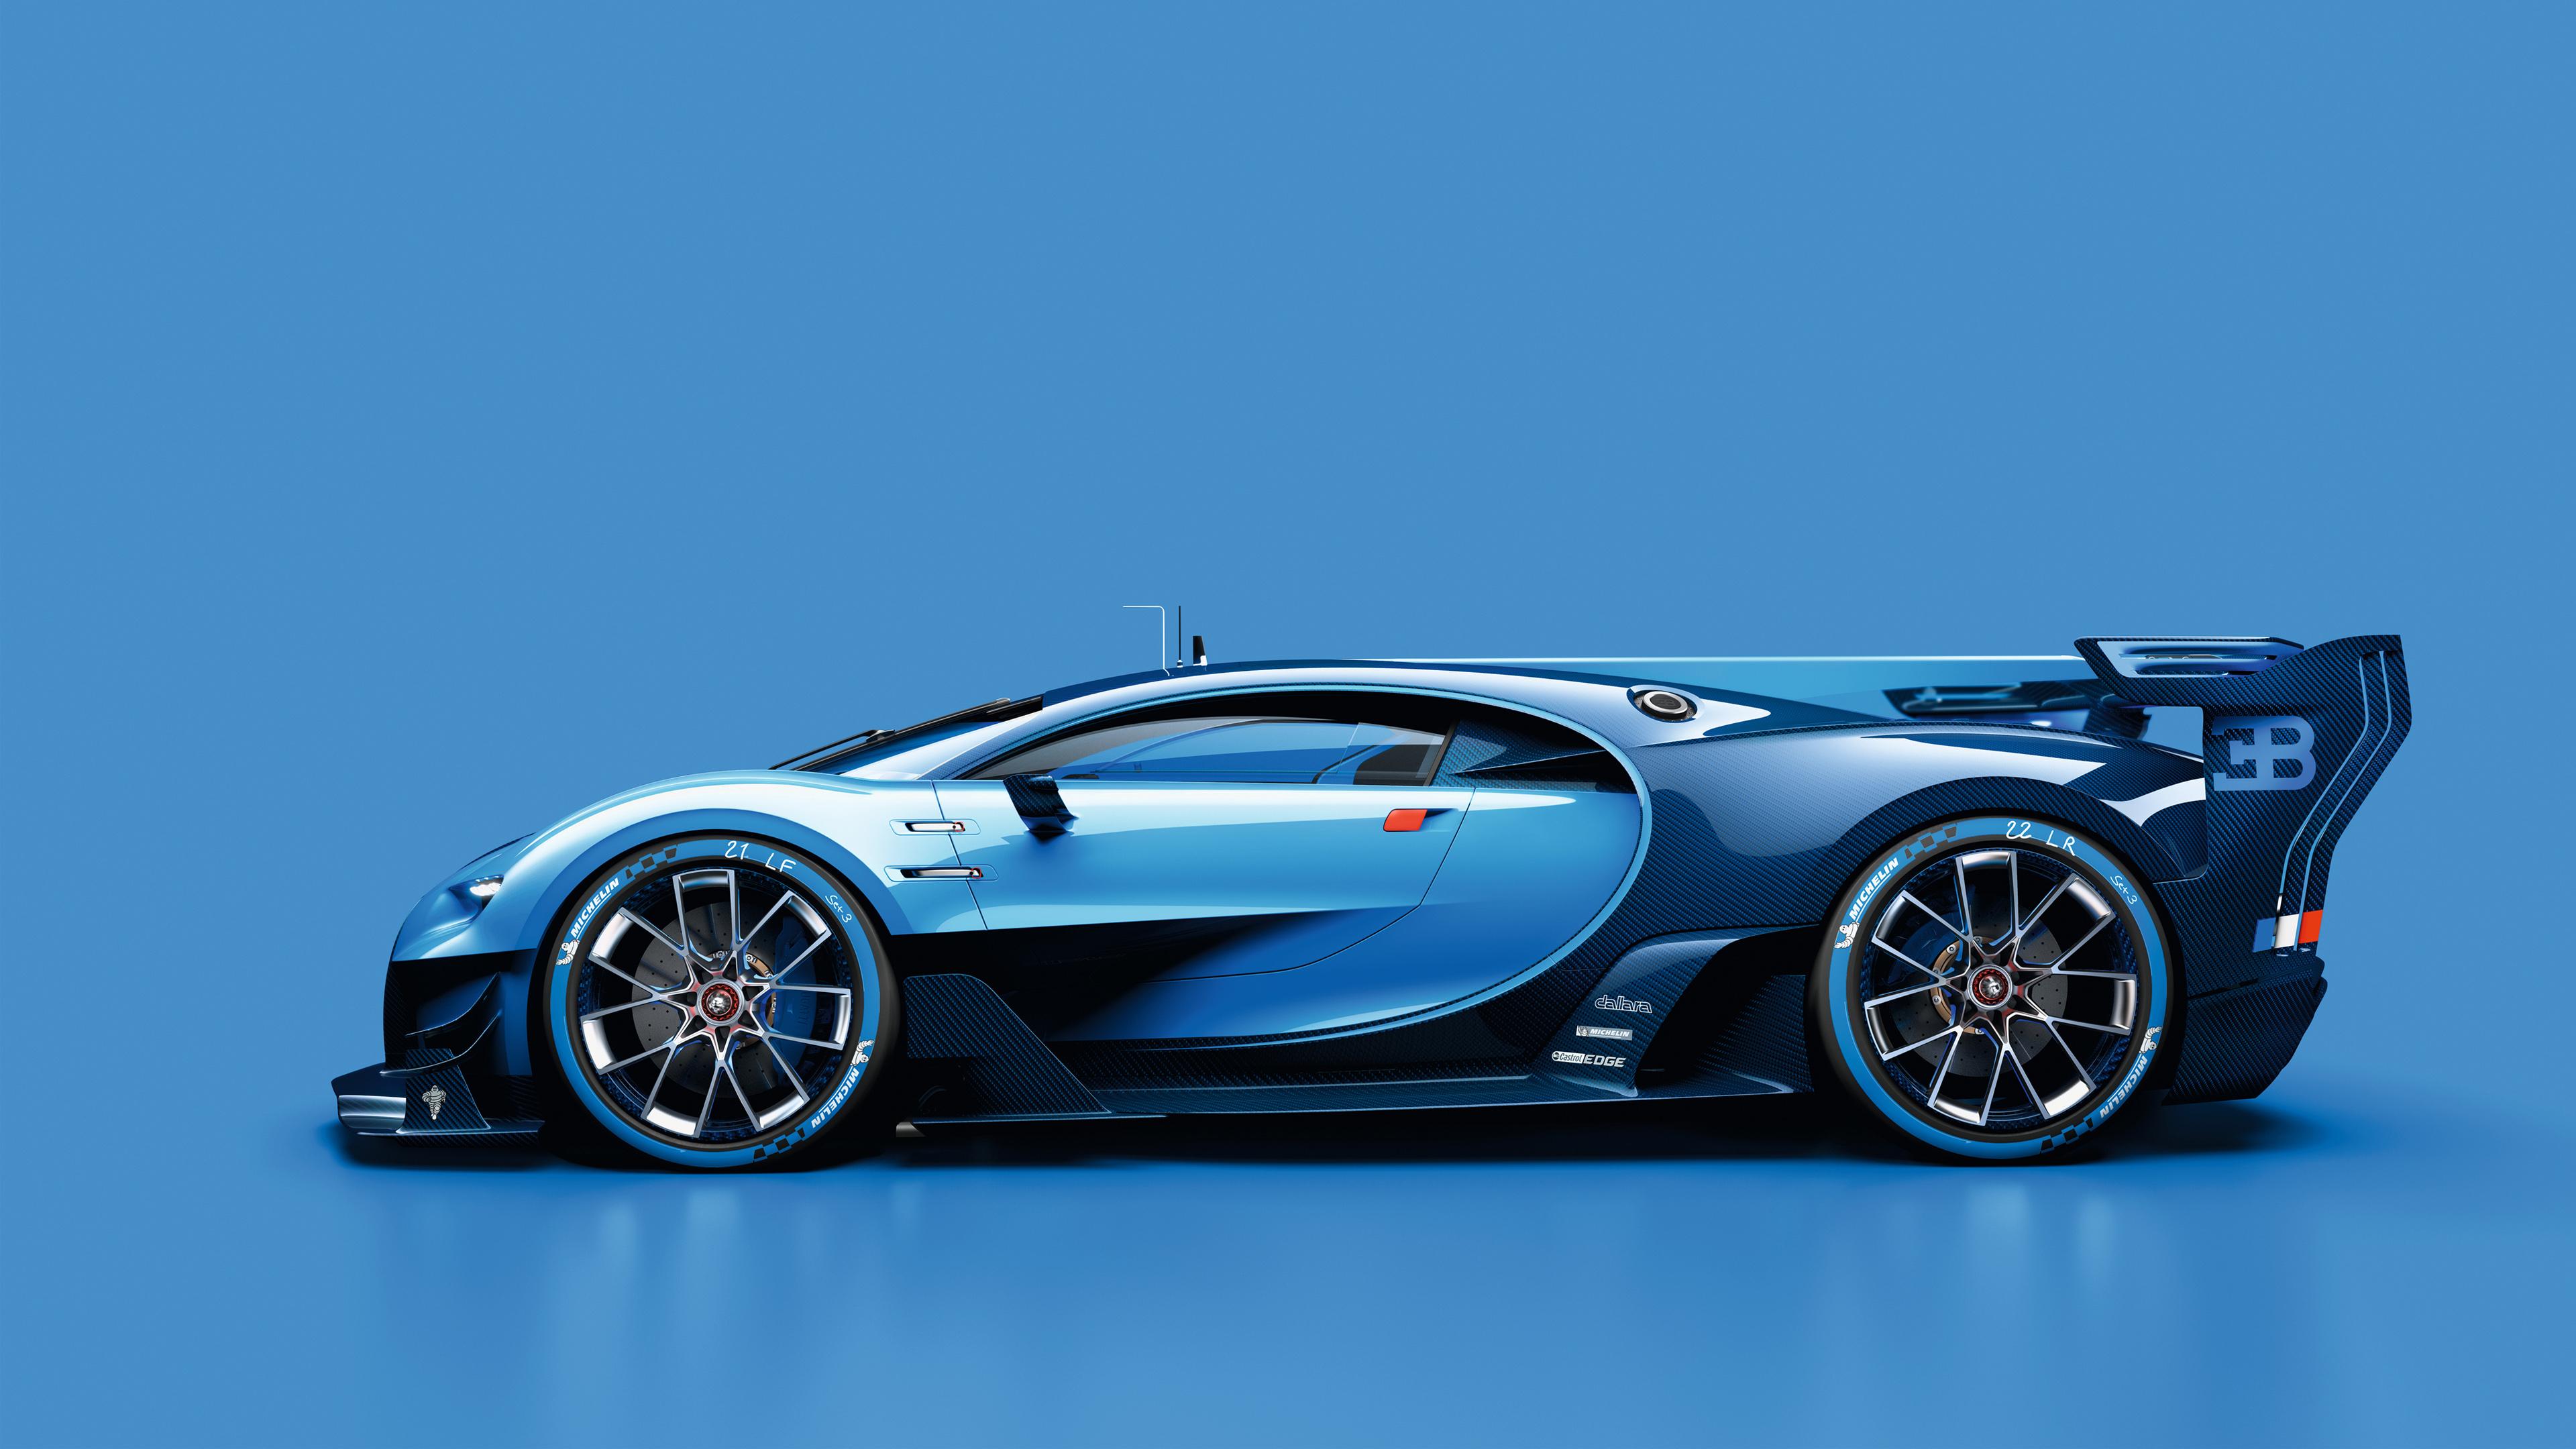 2015 Bugatti Vision Gran Turismo 7 Wallpaper Hd Car